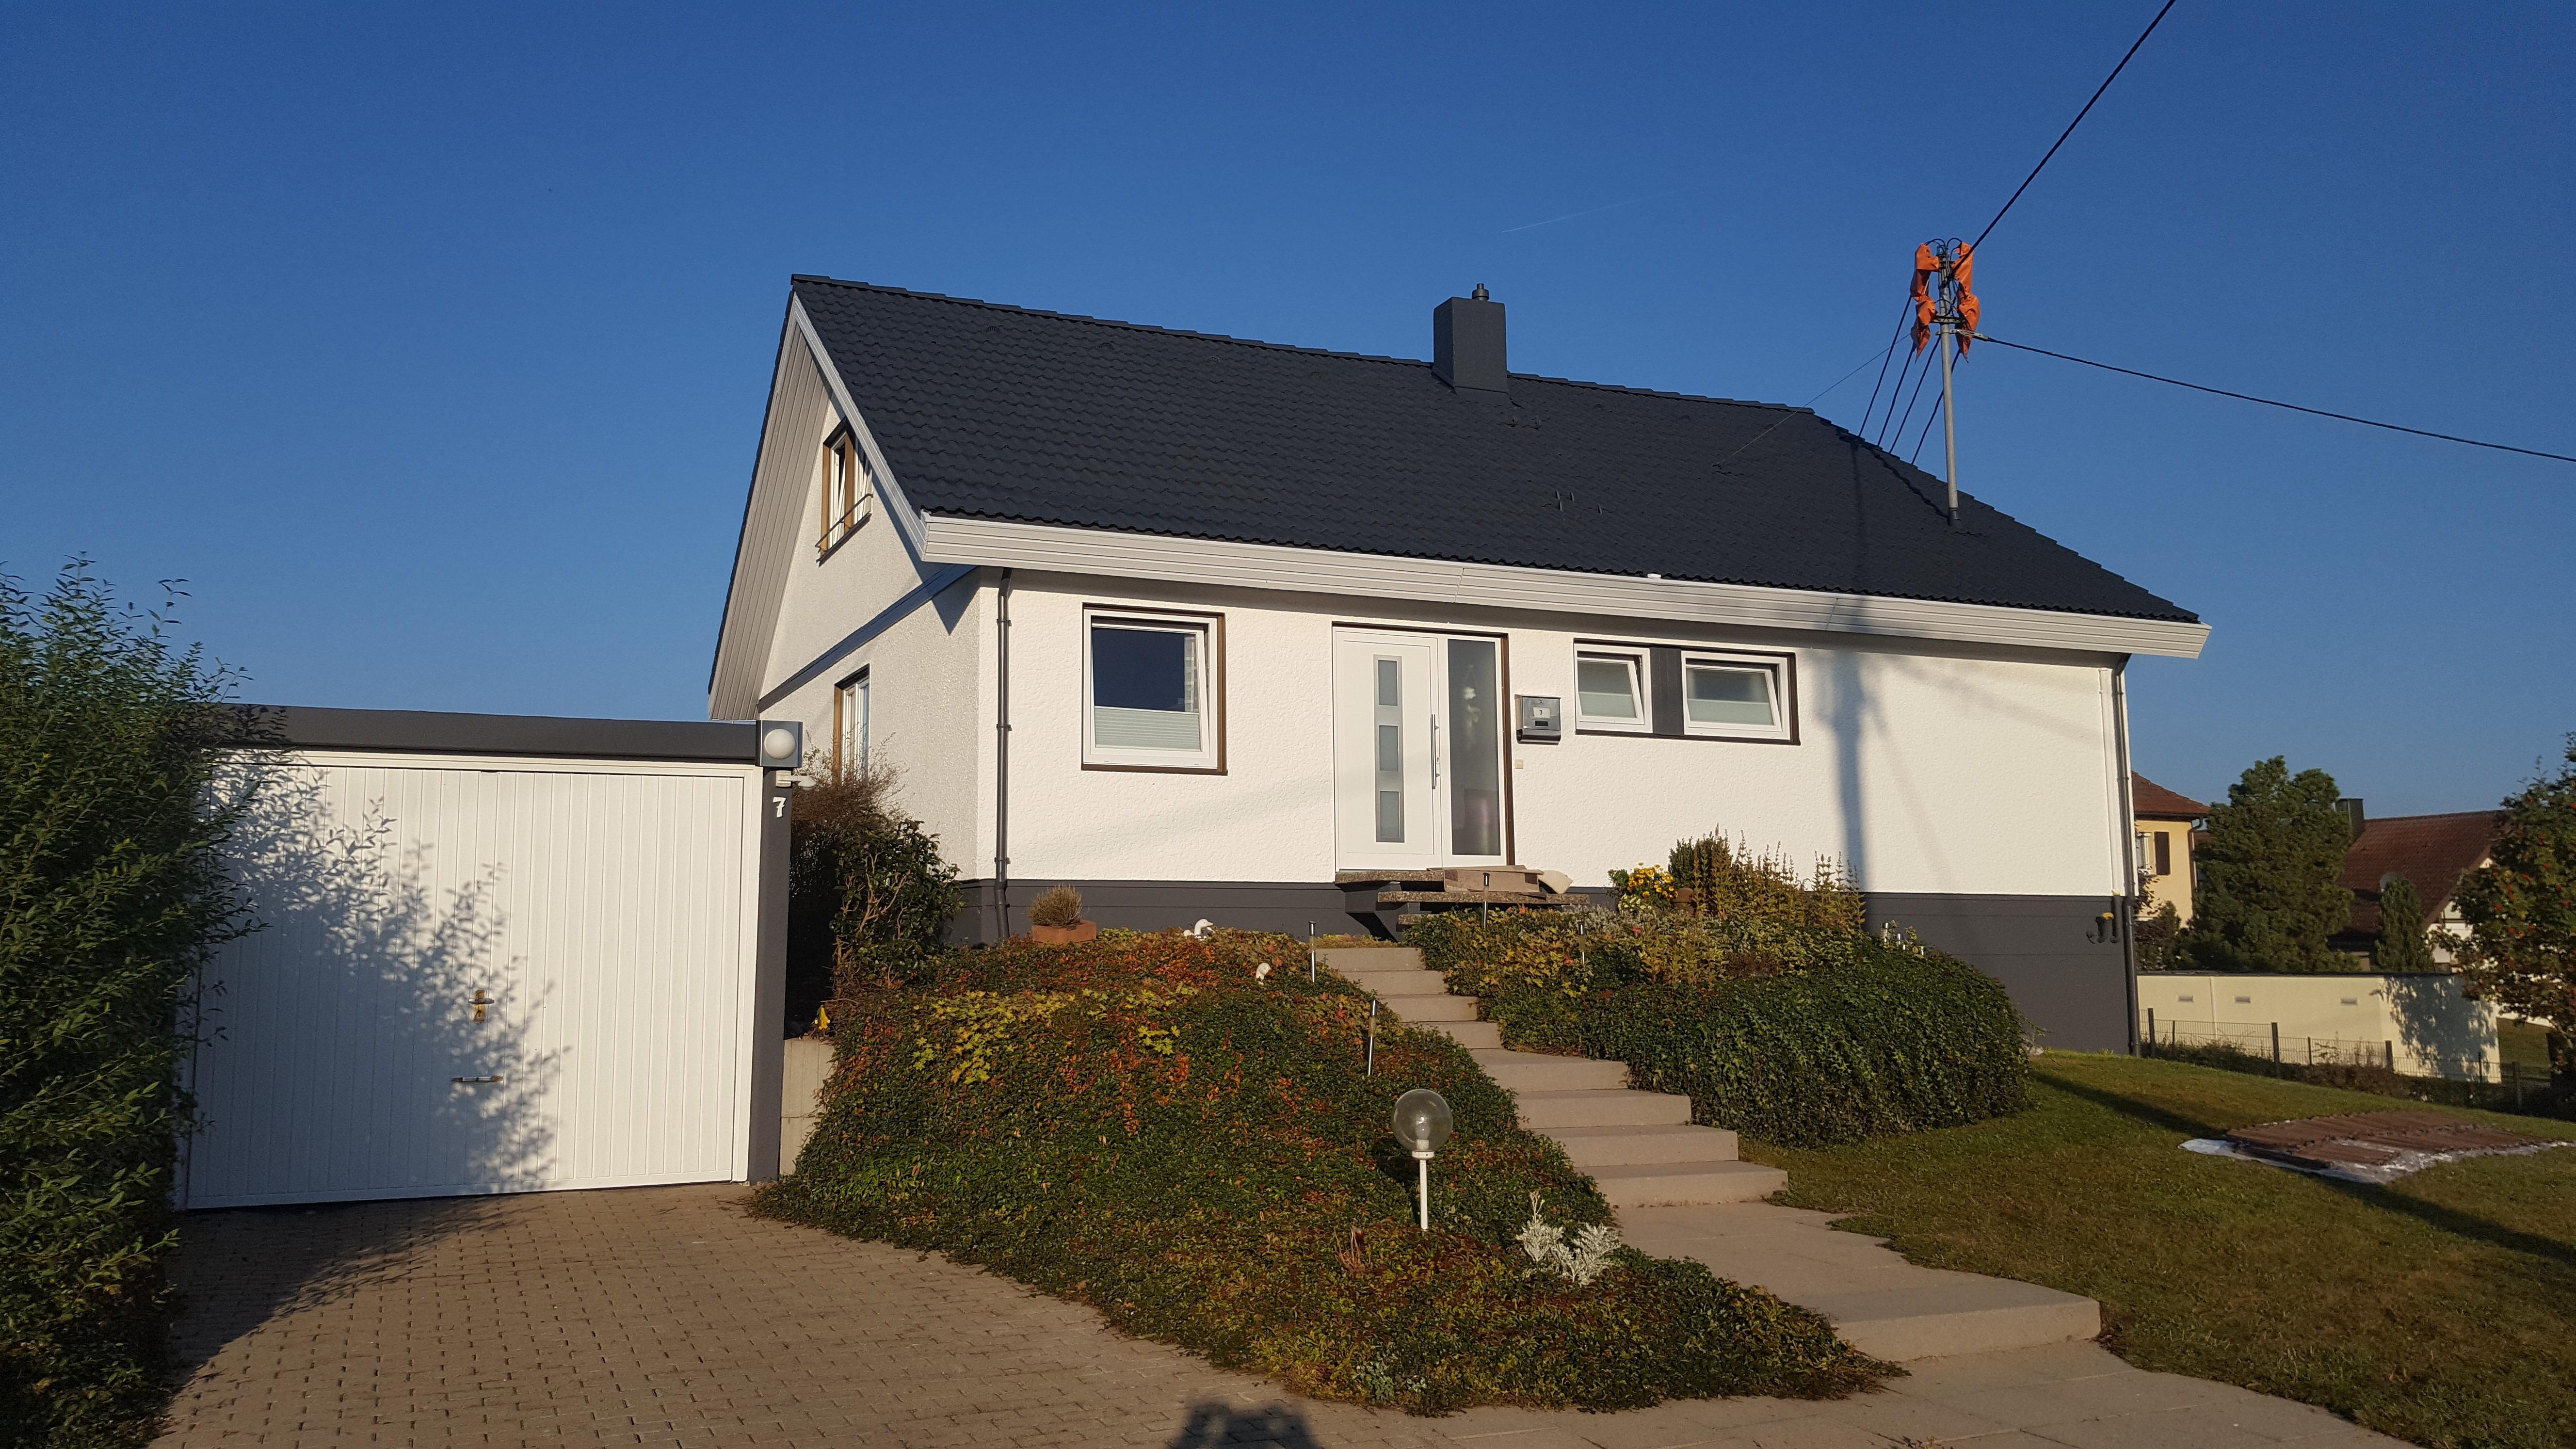 Dachbeschichtung/ Fassade